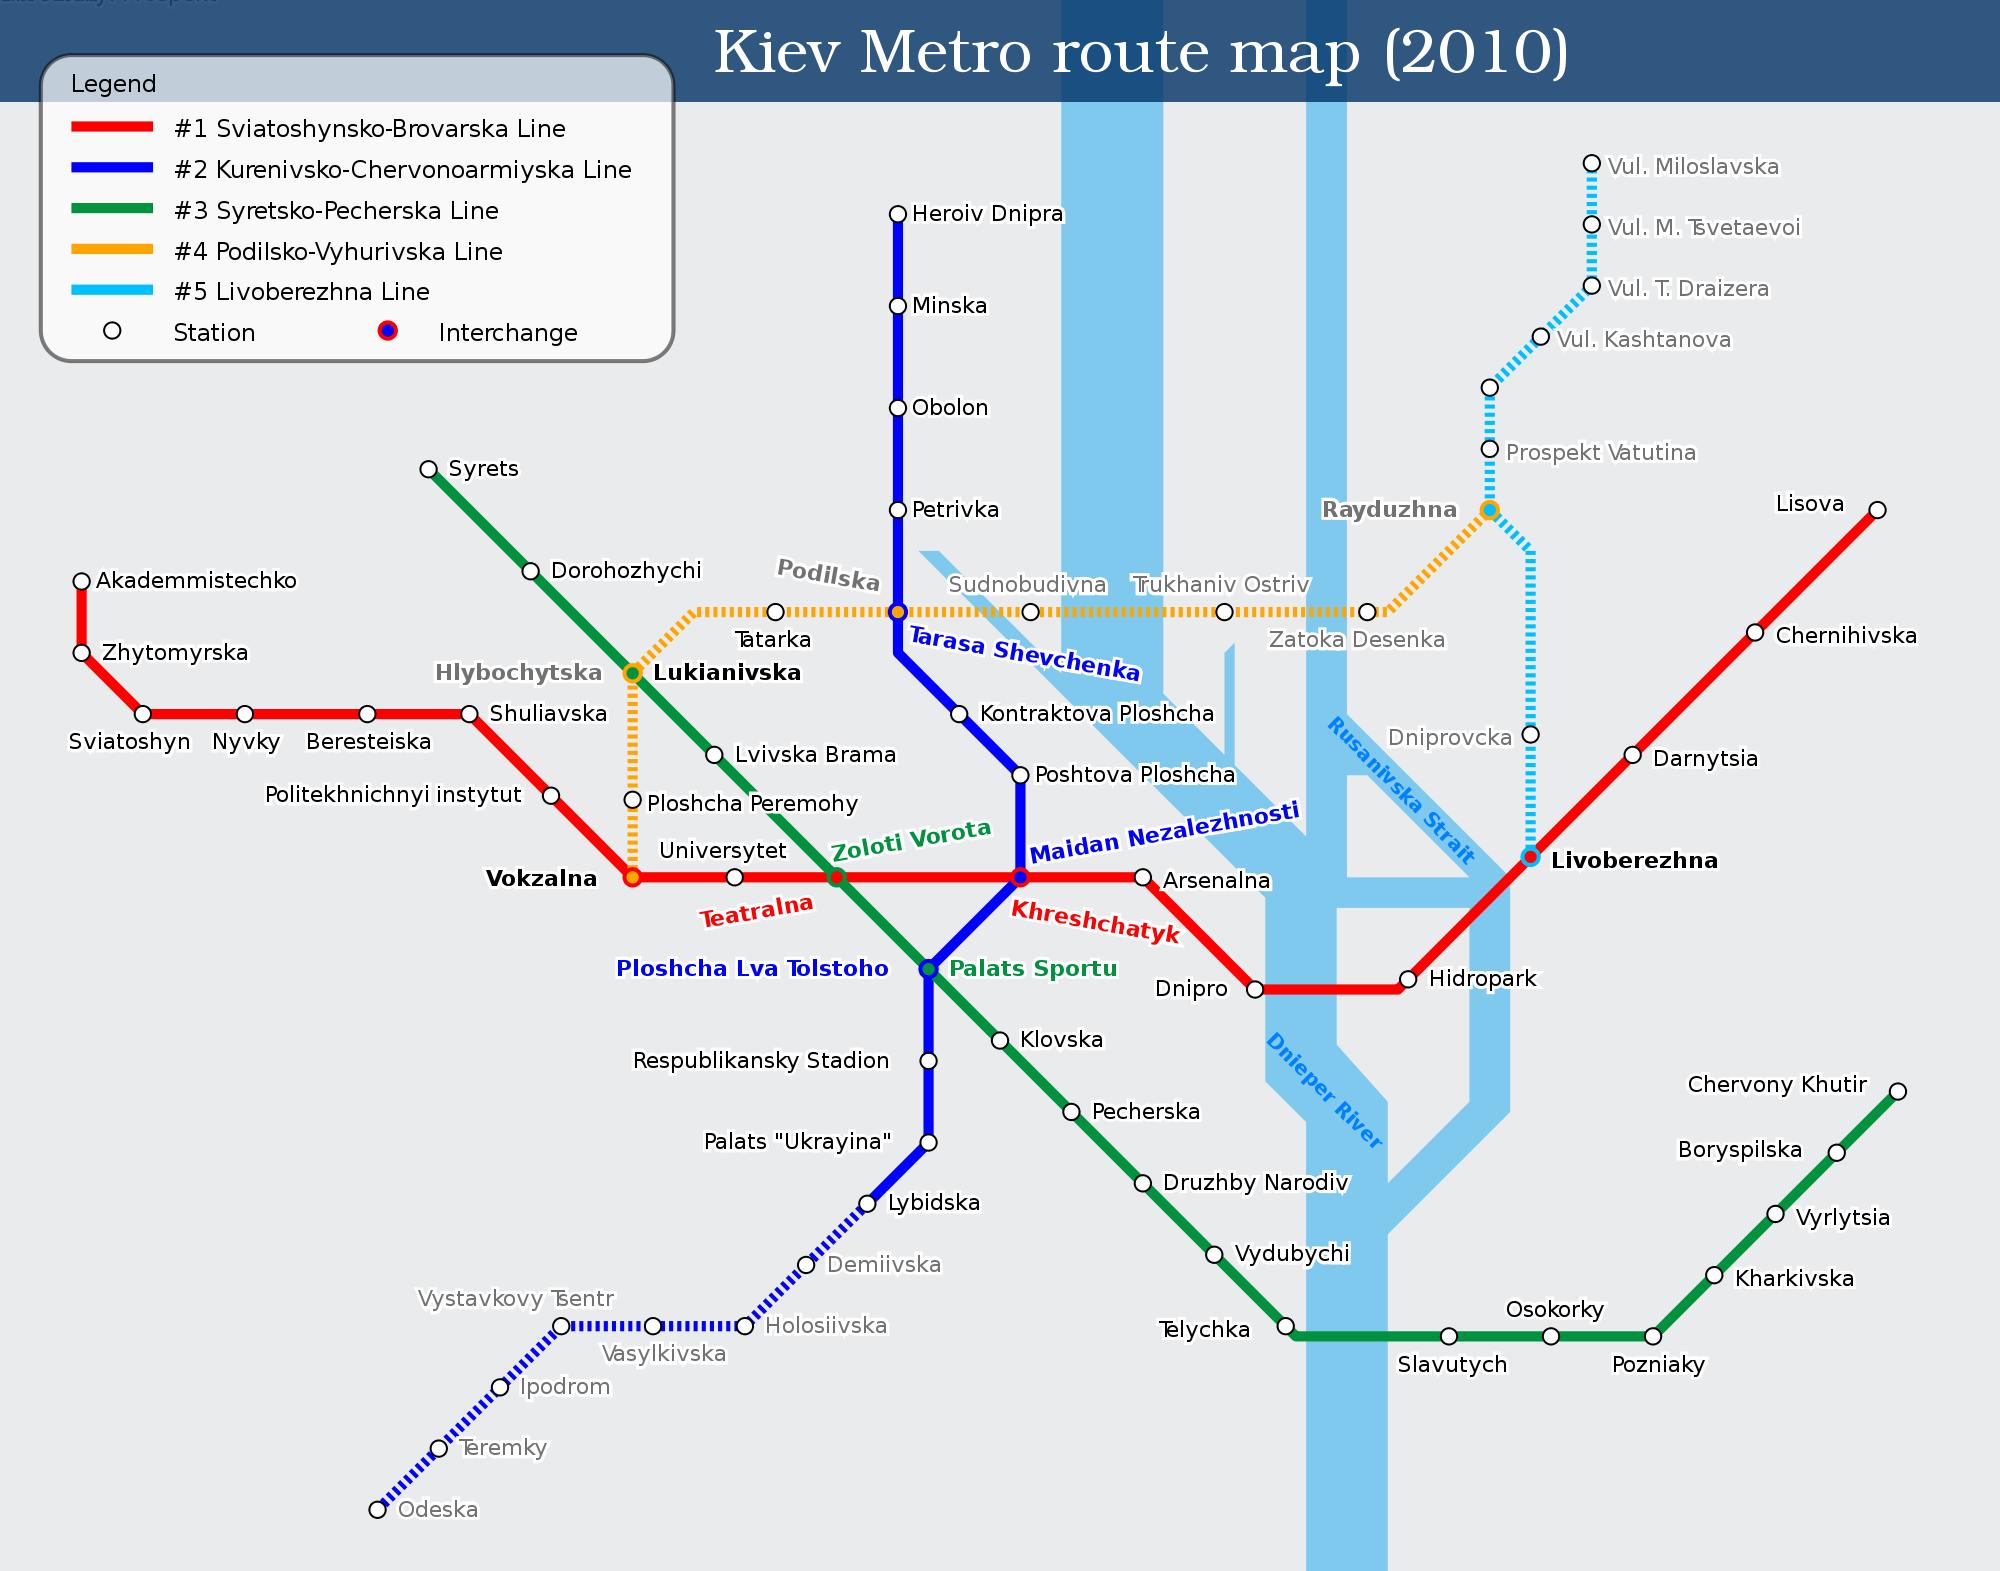 carte metro kiev